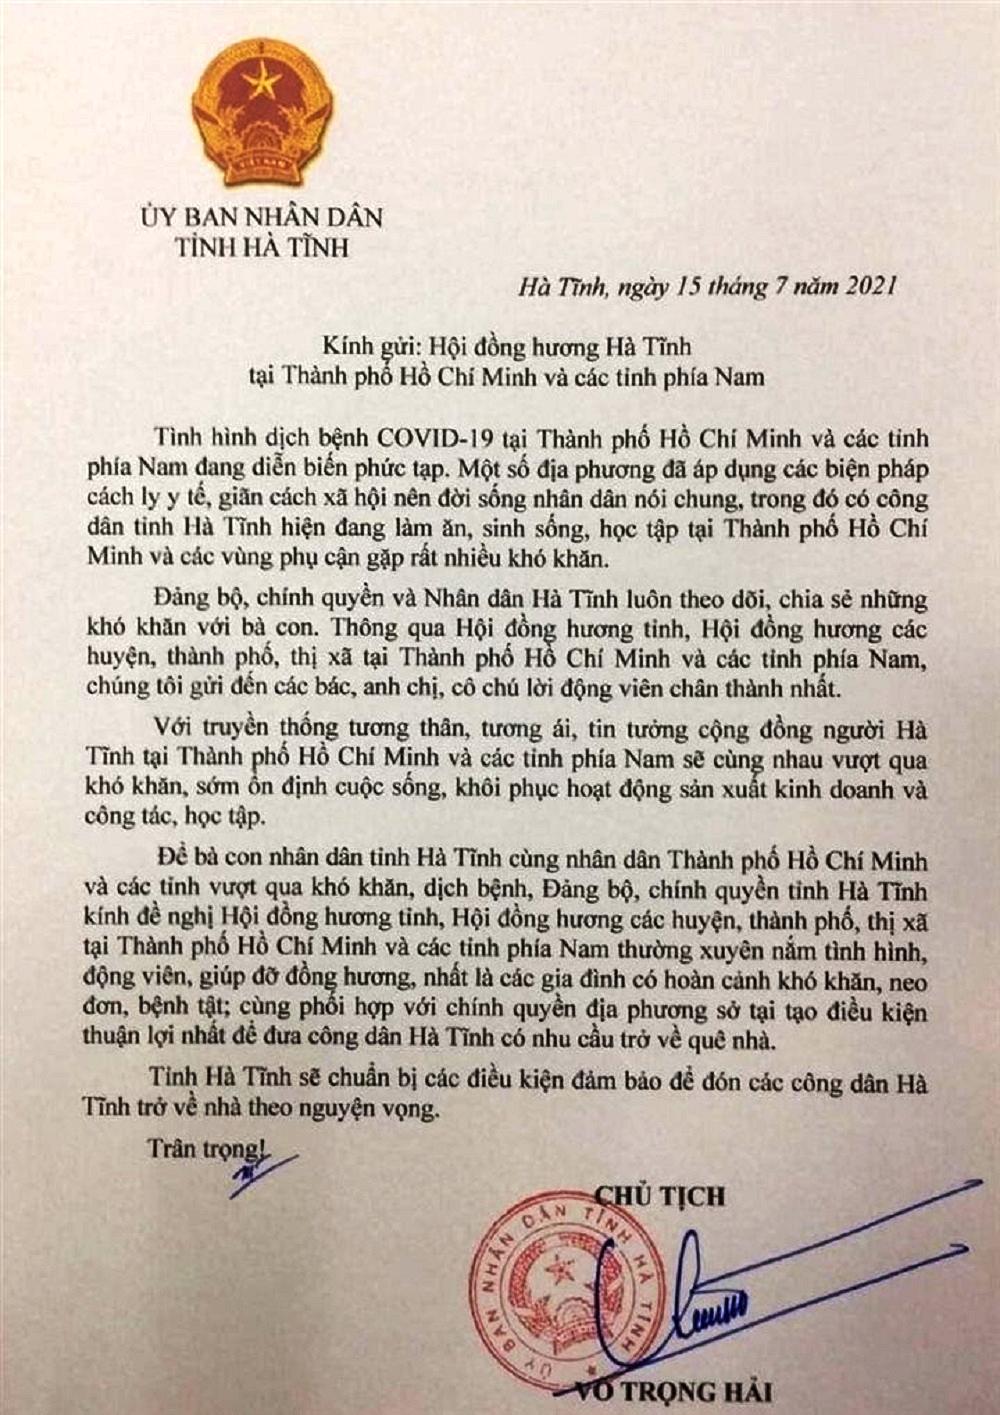 Hà Tĩnh sẵn sàng đón công dân tại thành phố Hồ Chí Minh và các tỉnh phía Nam trở về theo nguyện vọng